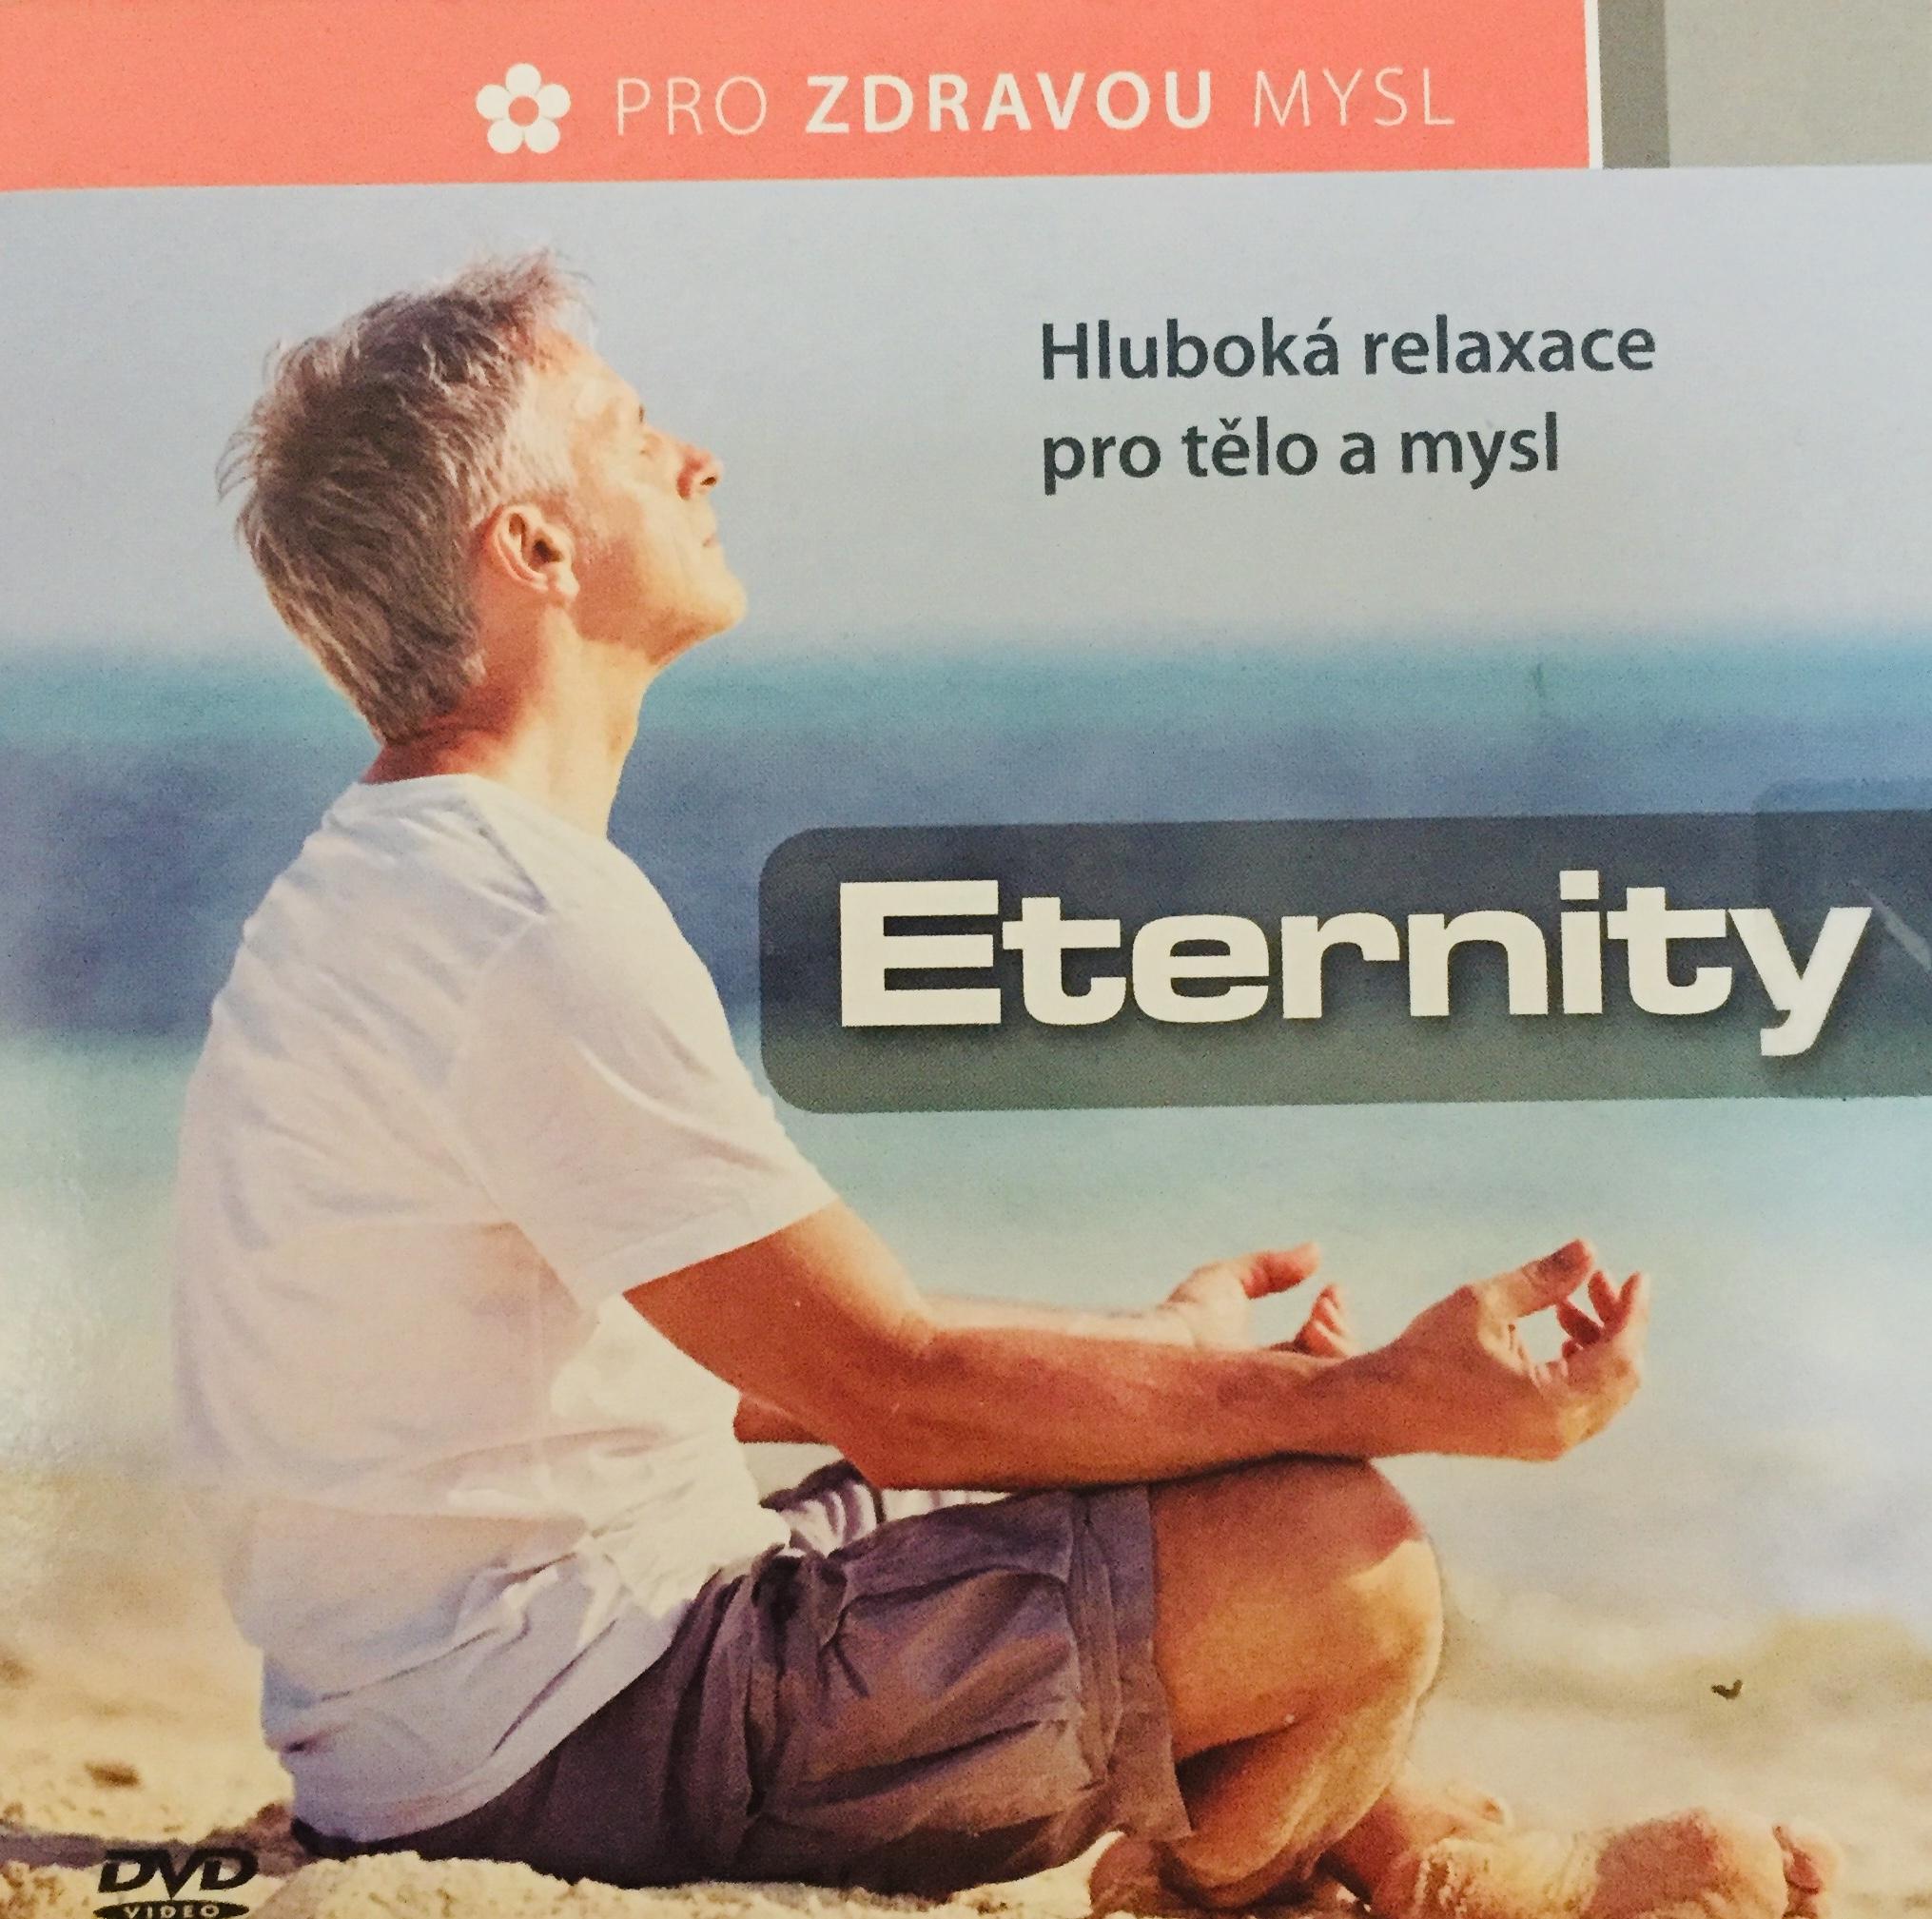 Eternity - Pro zdravou mysl - DVD /pošetka/